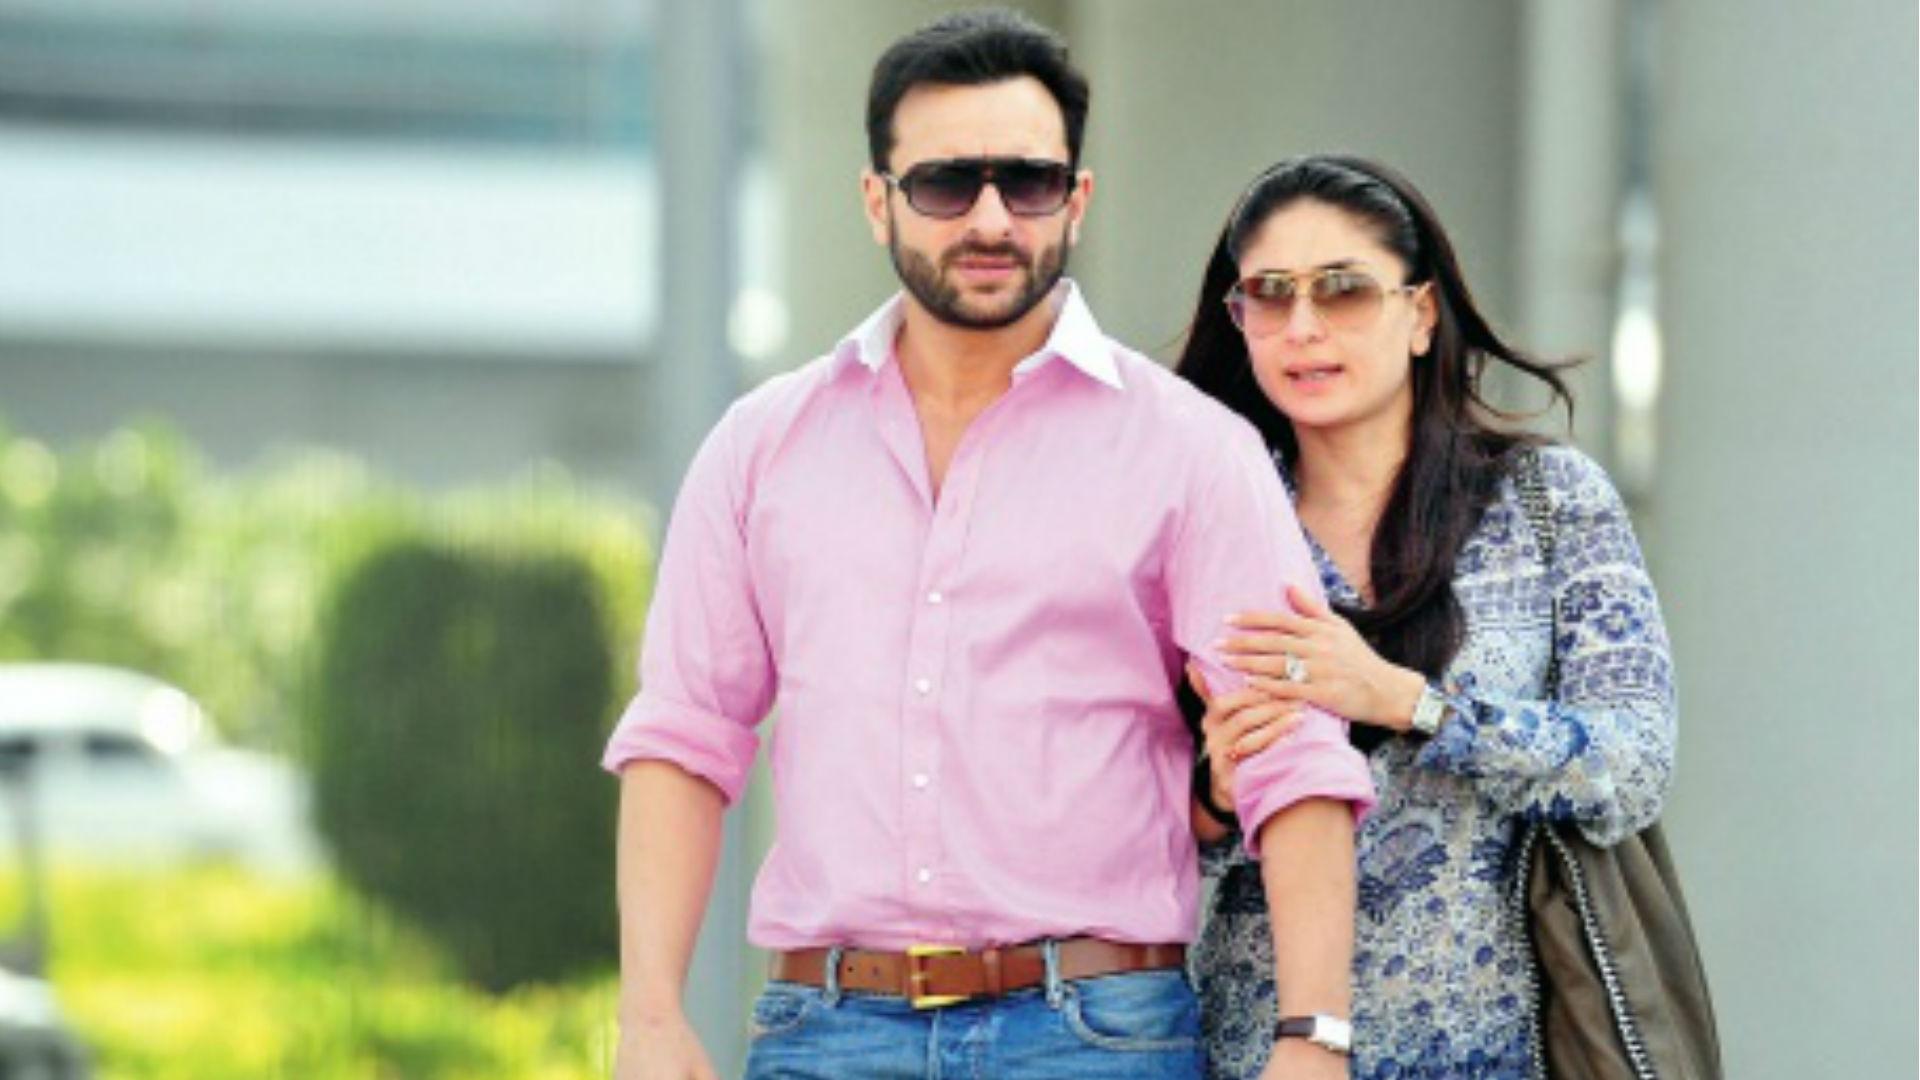 Jawaani Jaaneman Movie: फिल्म में करीना कपूर नहीं, ये एक्ट्रेस निभाएंगी सैफ अली खान की गर्लफ्रेंड का रोल